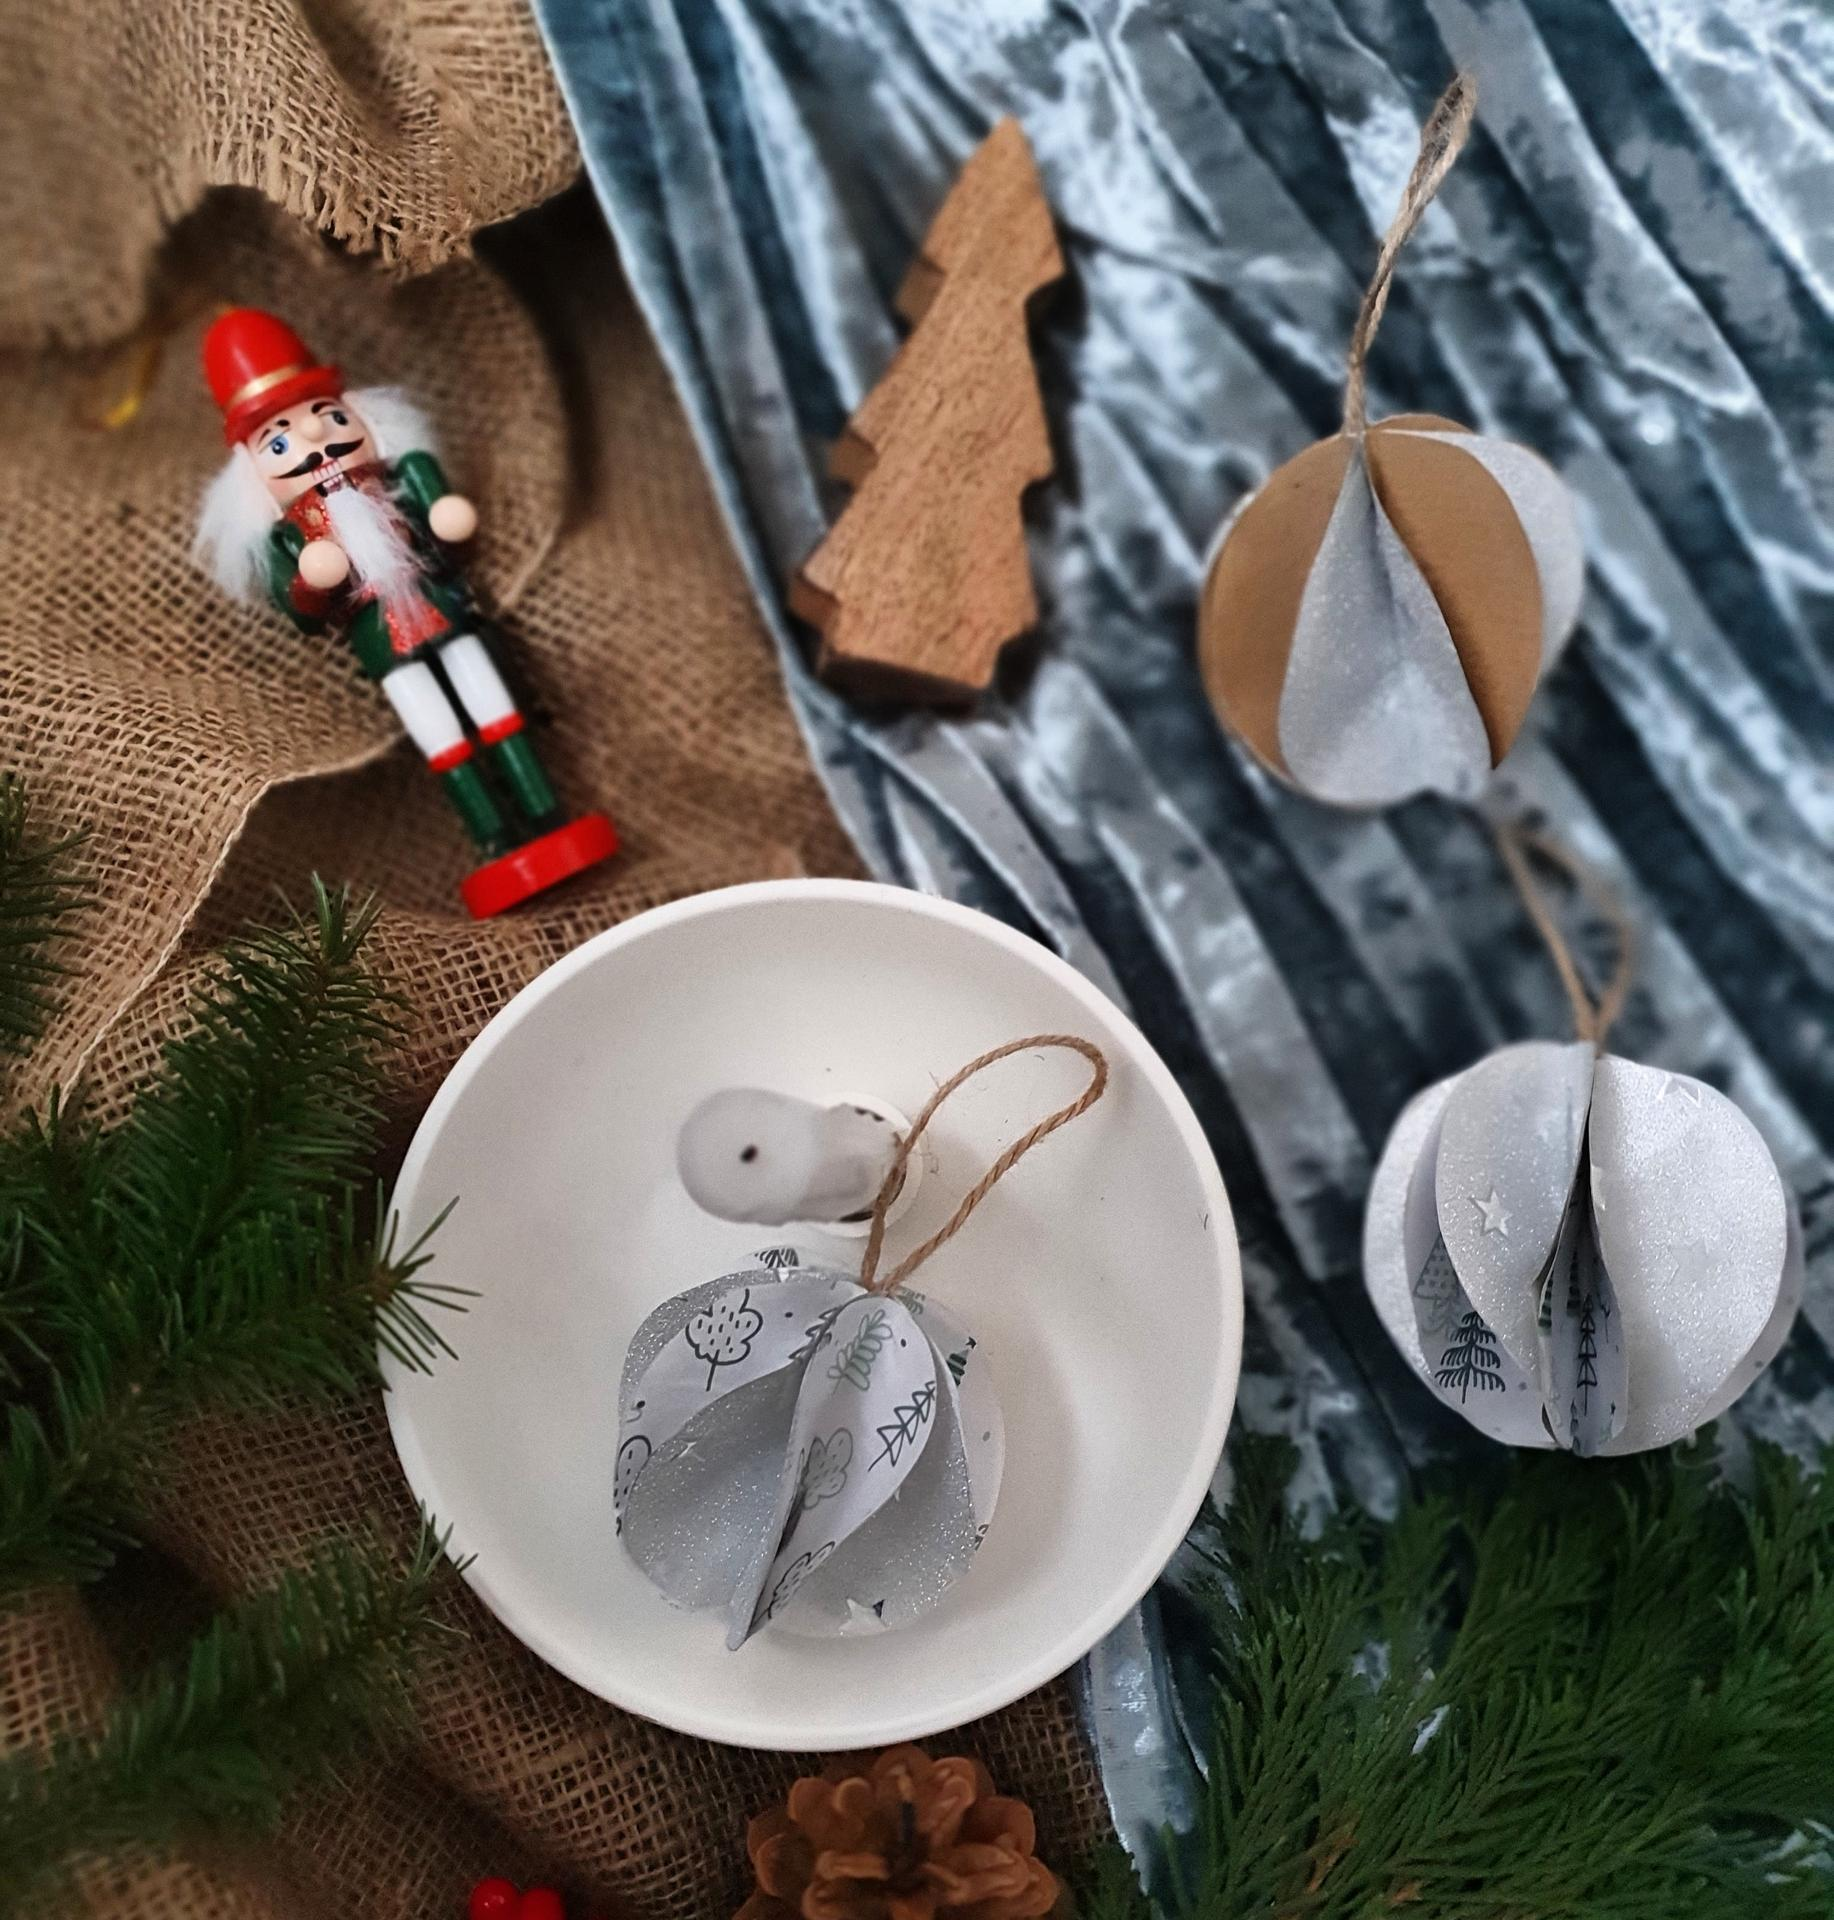 Vianočné dekorácie/Vianočná inšpirácia - Obrázok č. 12